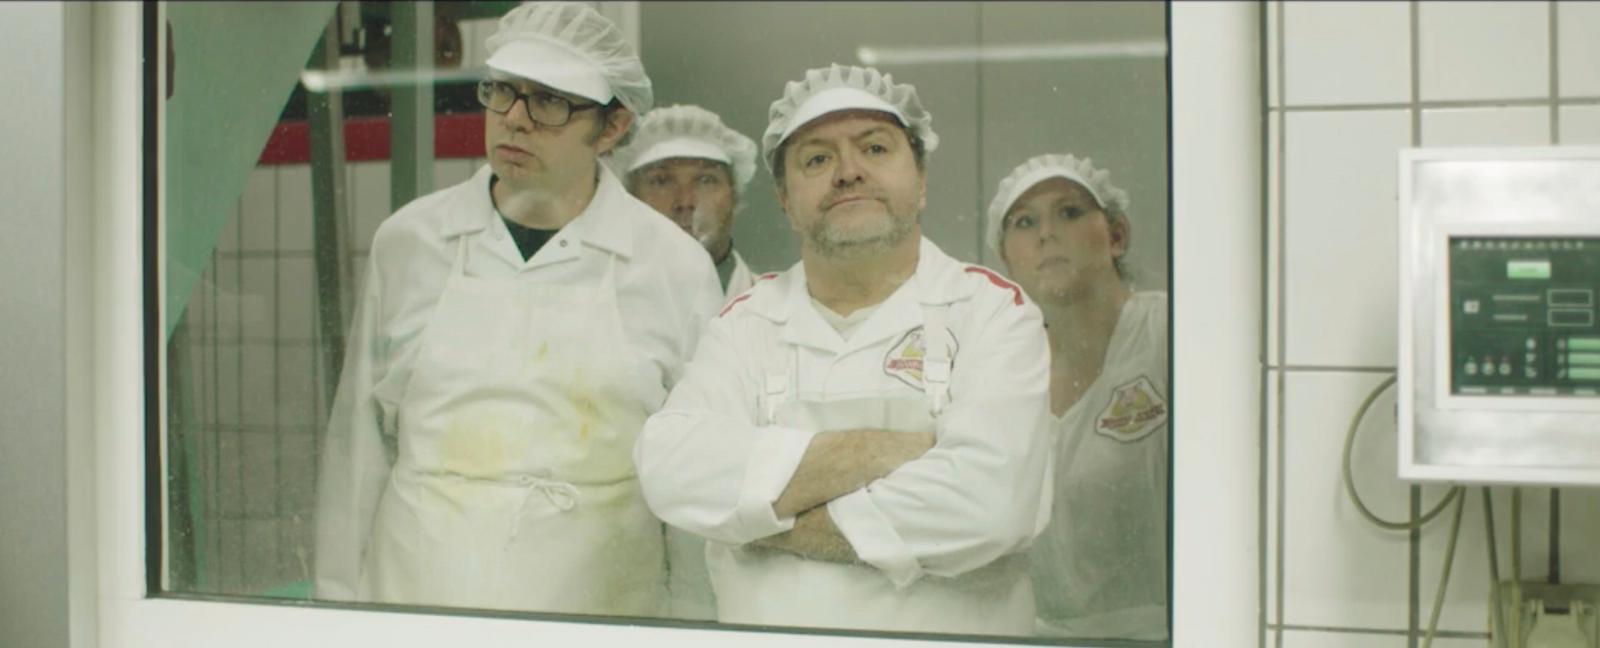 Jörg Westphal in der neuen Primetime Action-Comedy-Serie